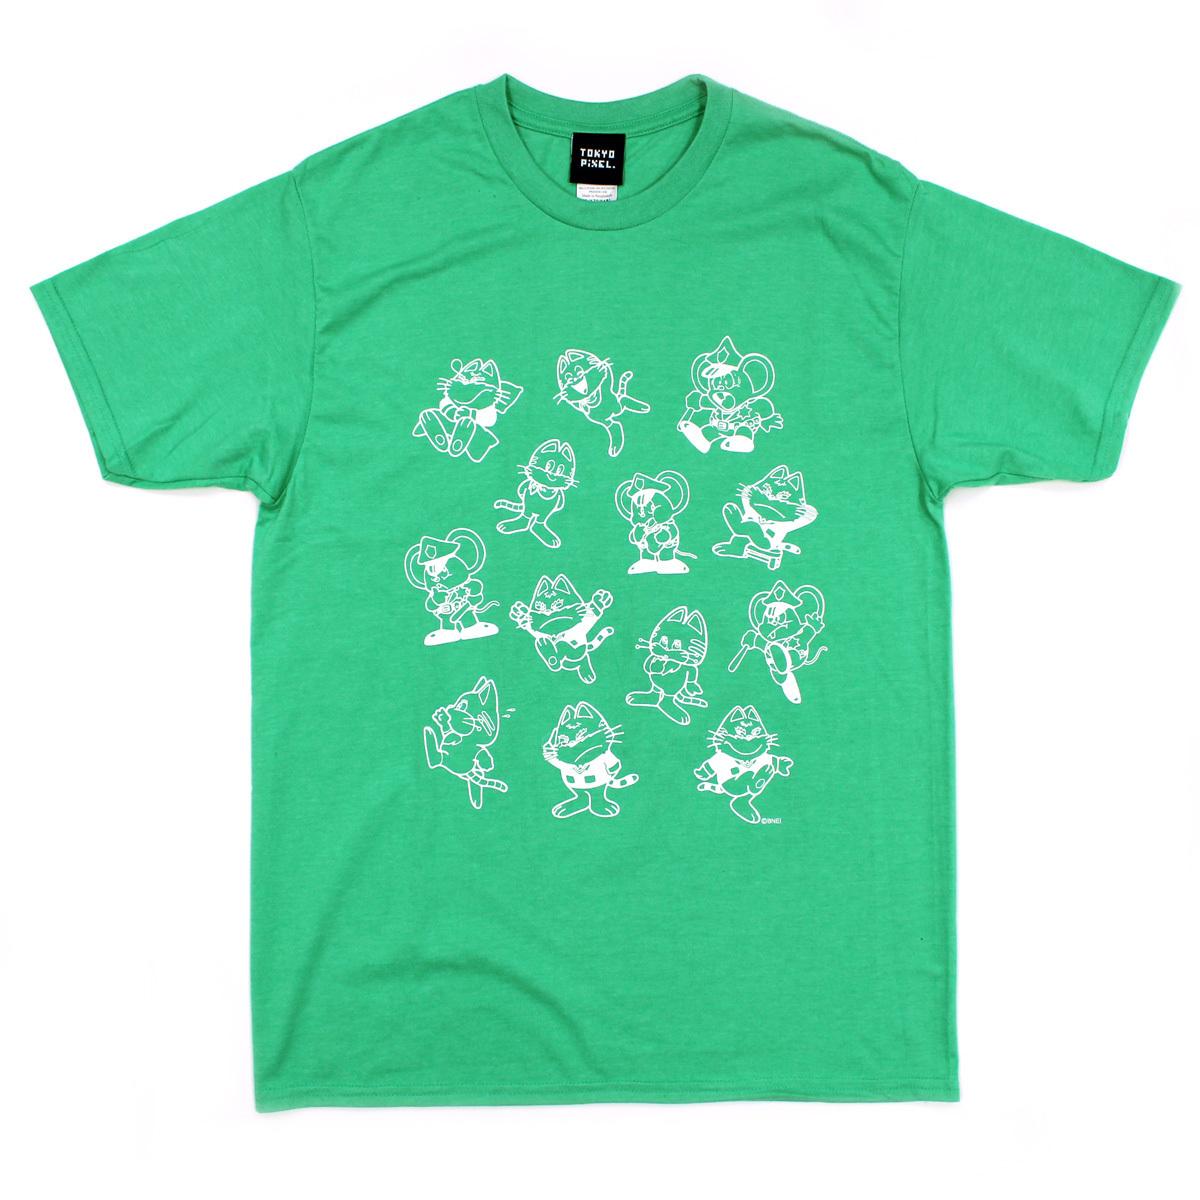 2017マッピーTシャツ 総柄 #グリーン